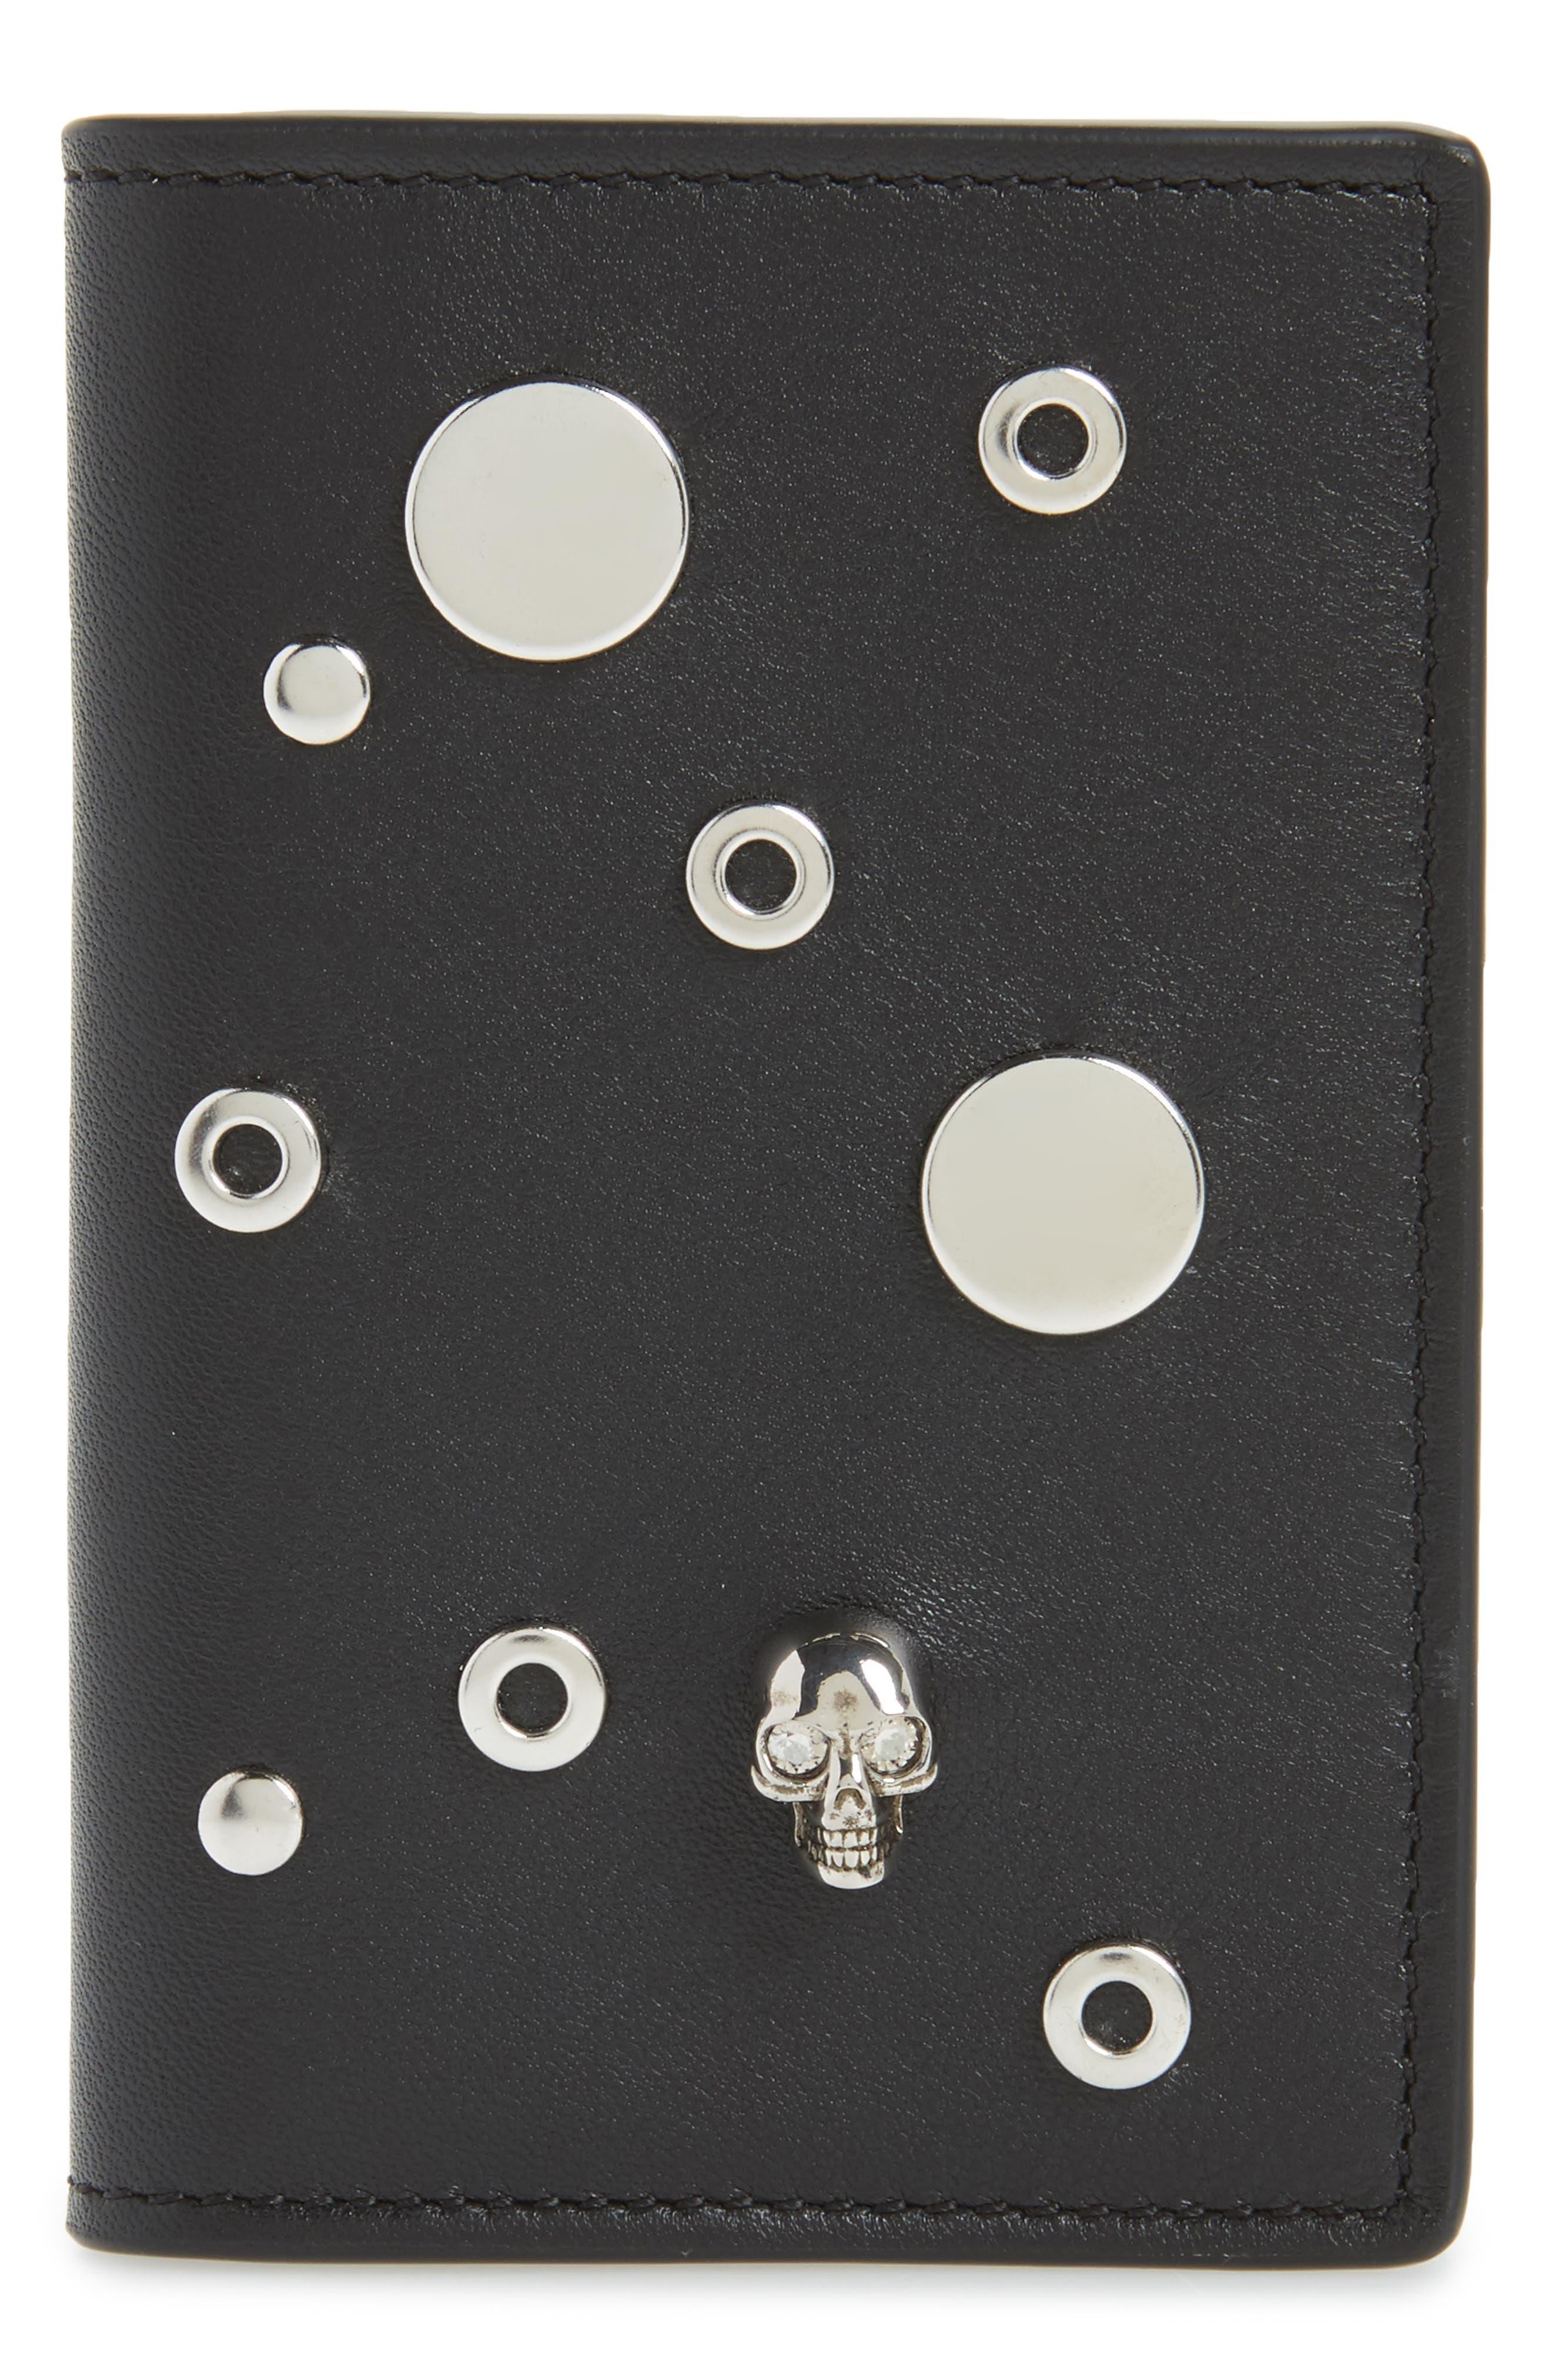 Alexander McQueen Grommet Card Holder